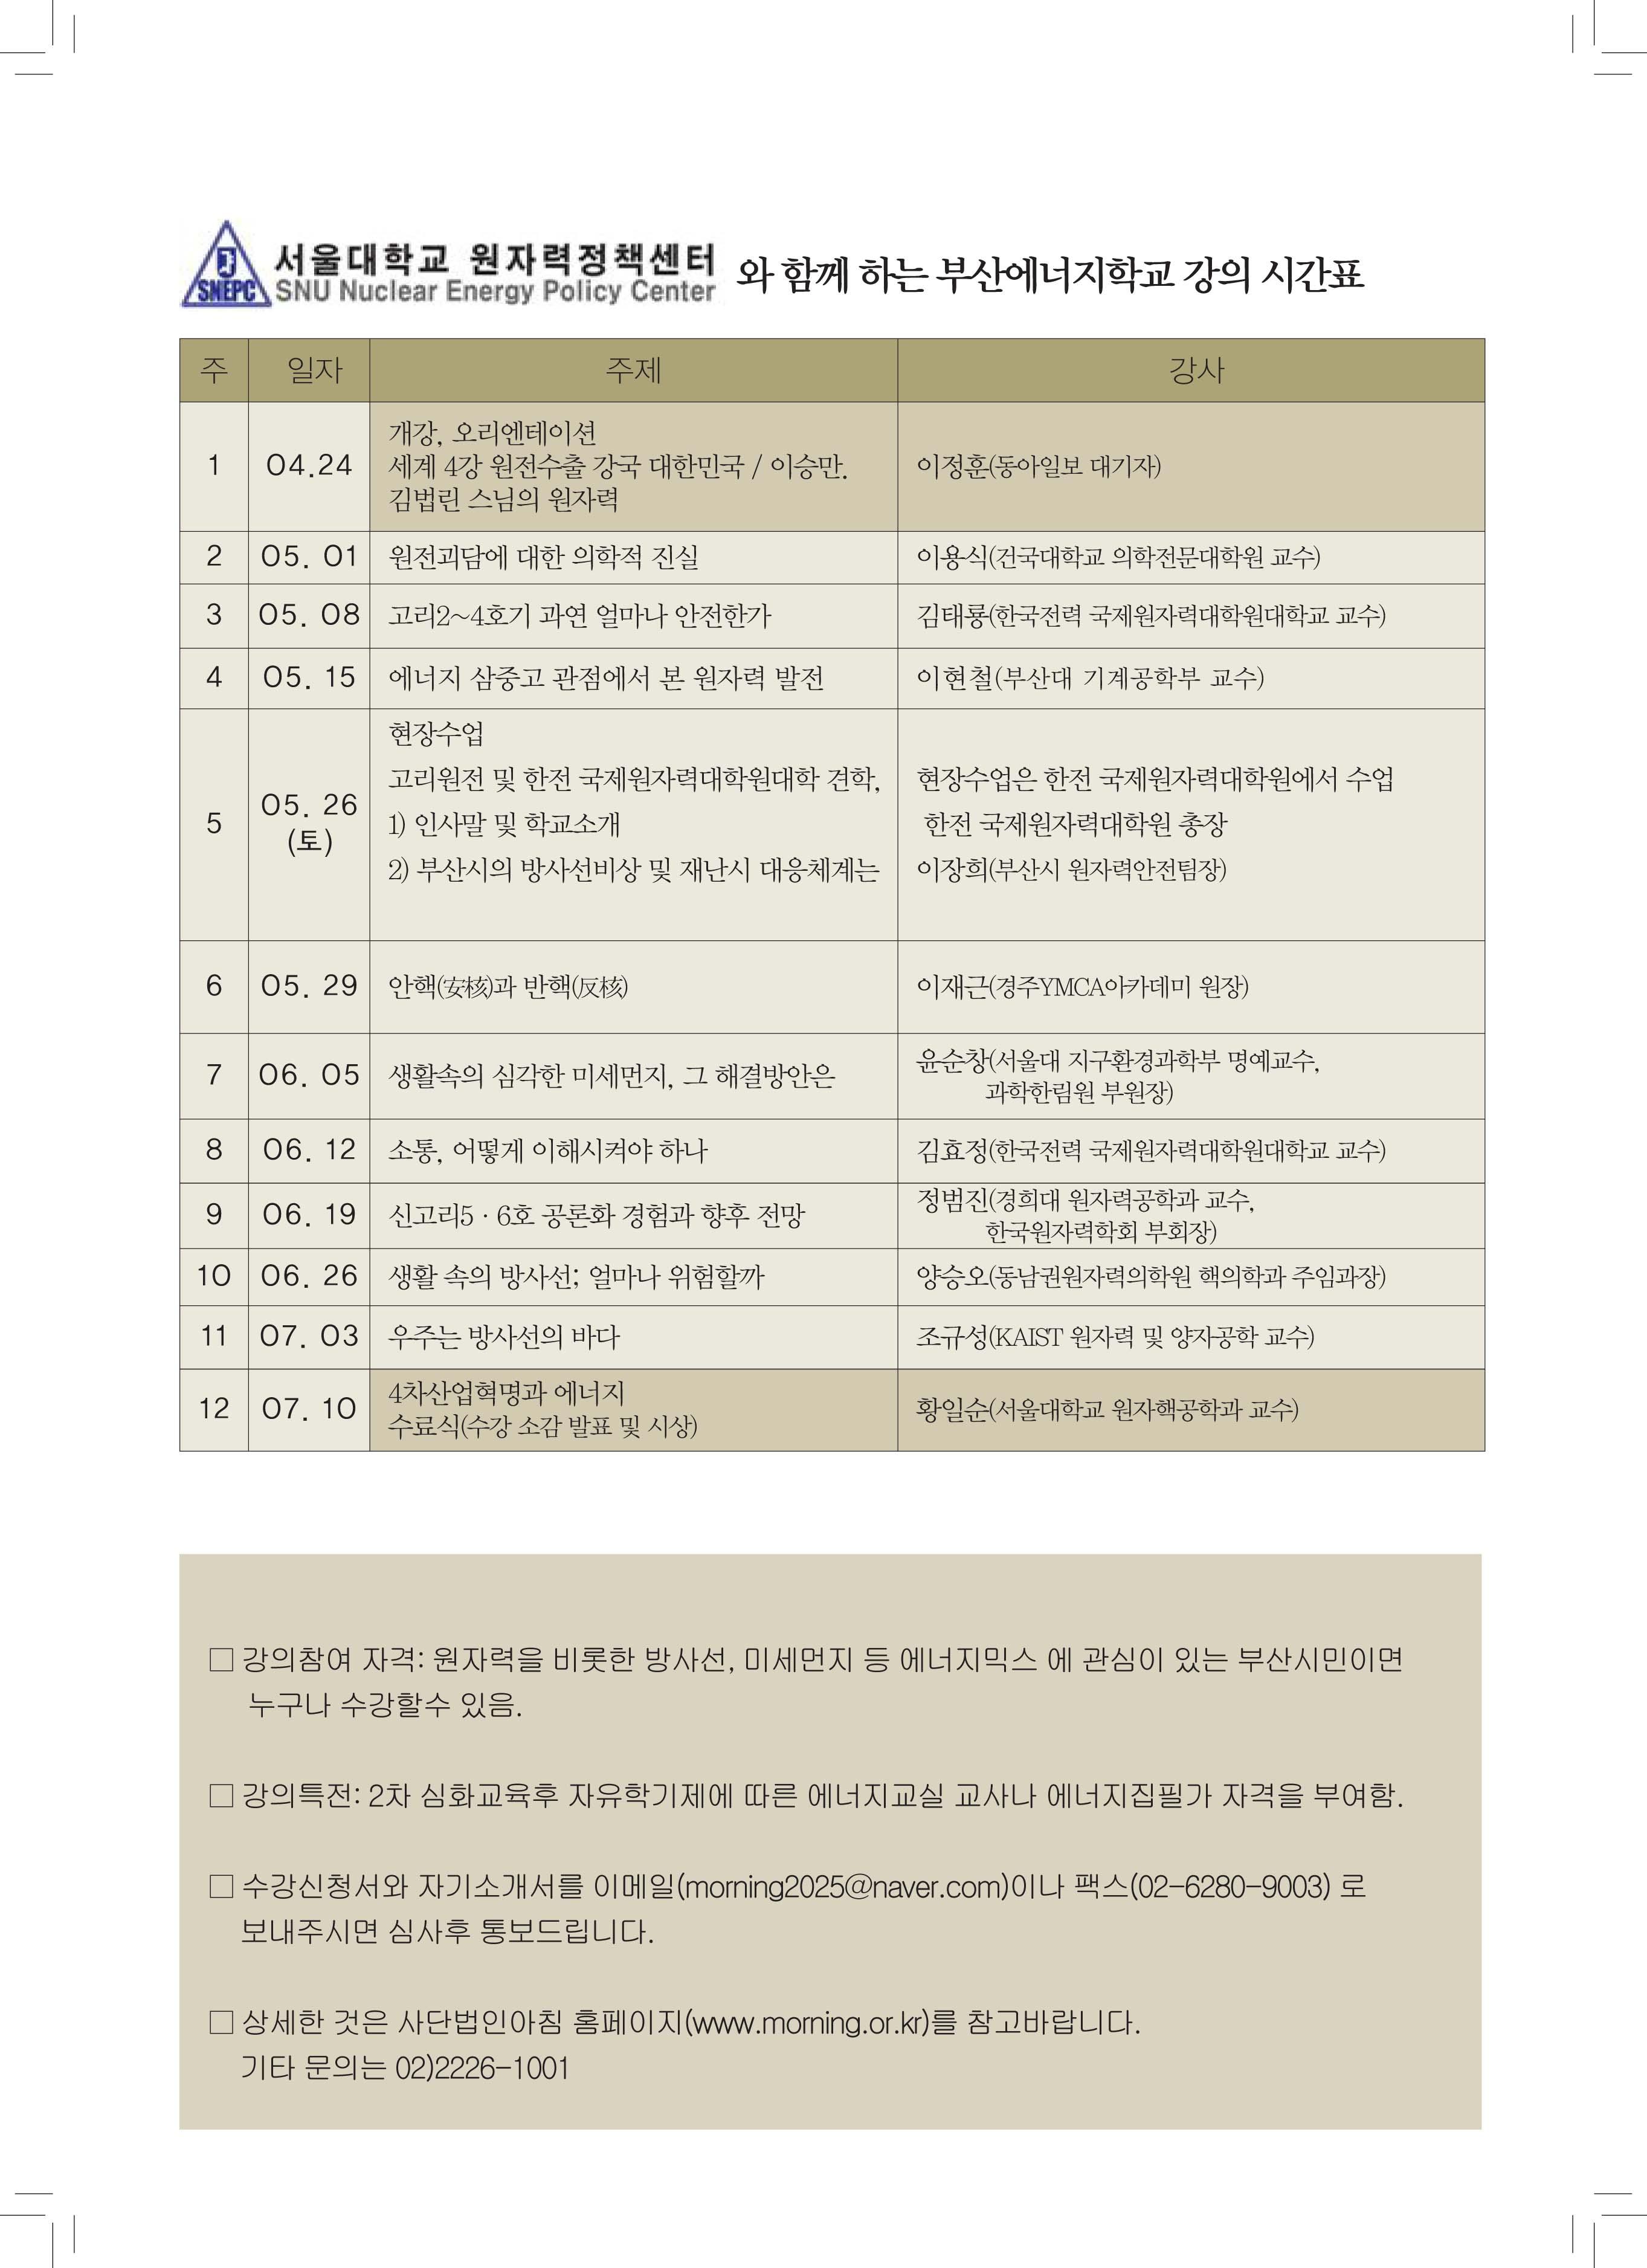 0416 에너지학교최종 강의시간표.jpg